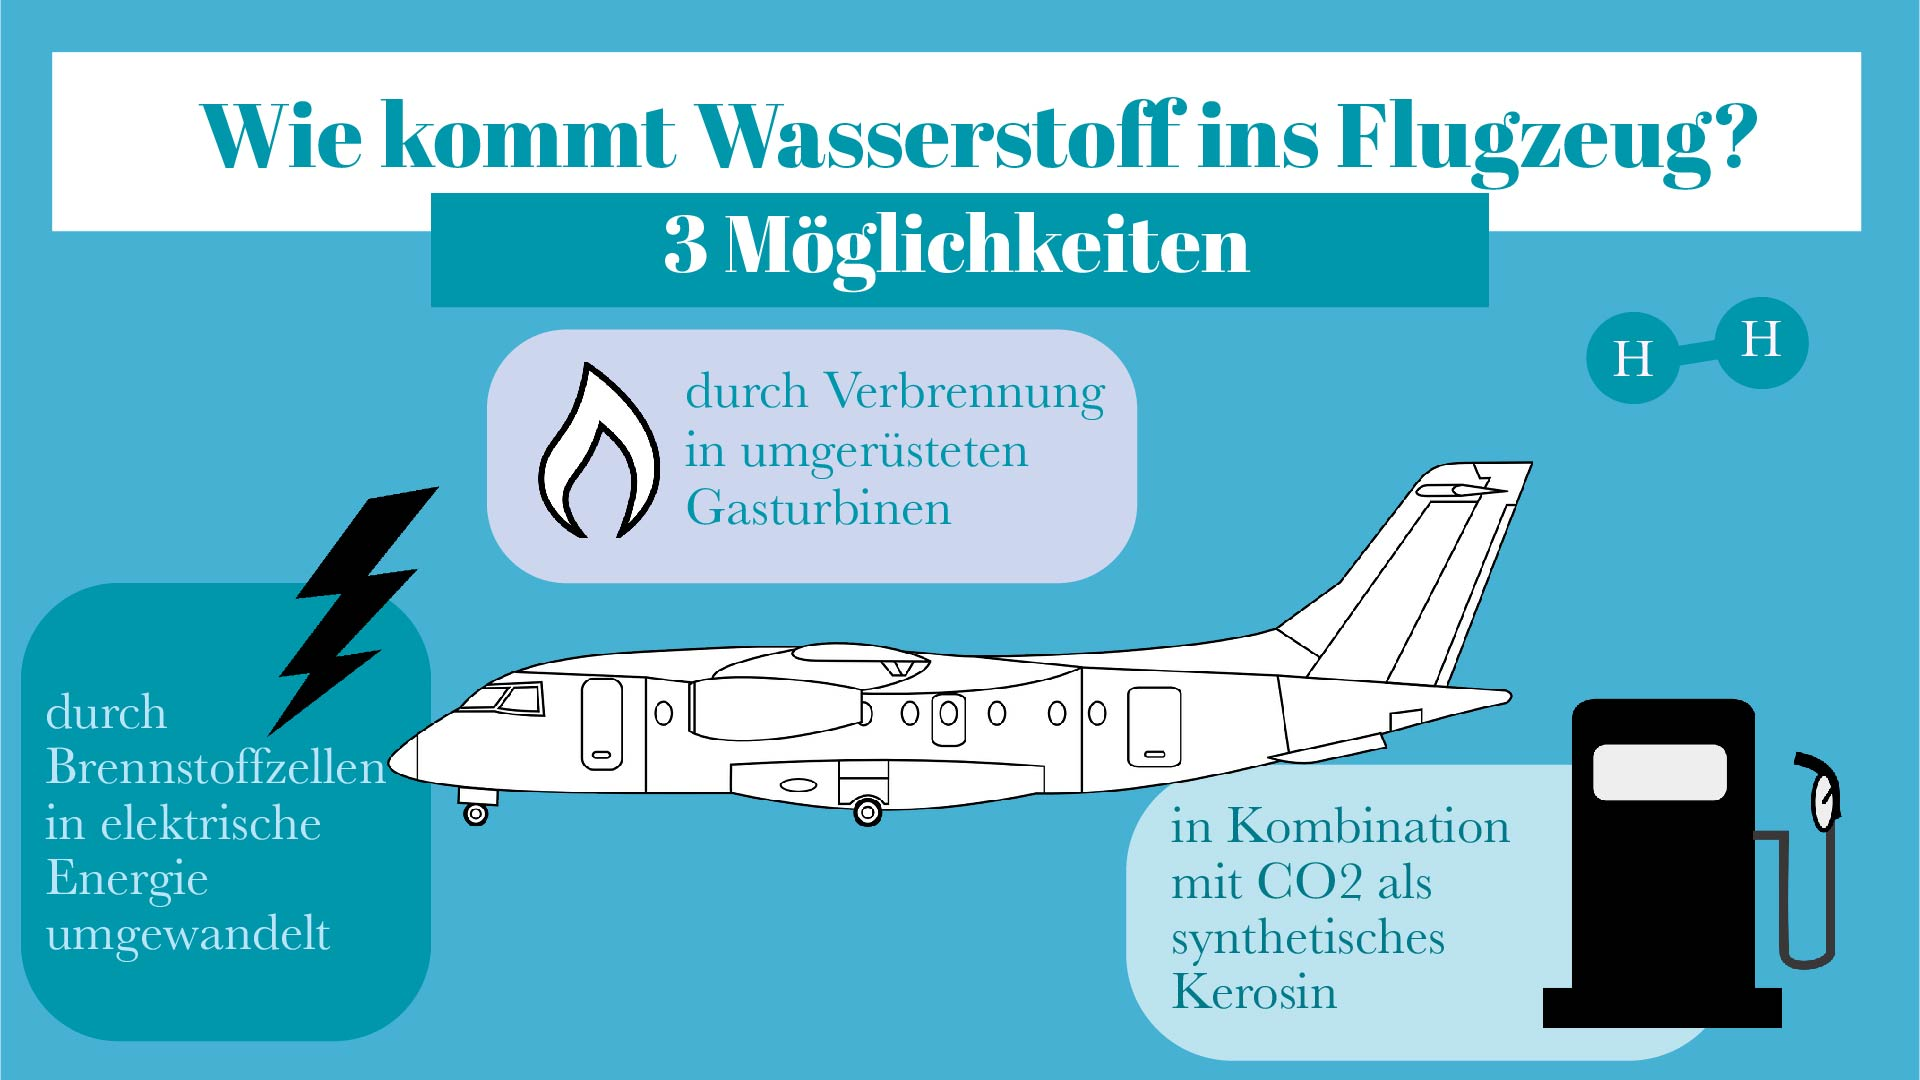 Verwendung von Wasserstoff als Antrieb für Flugzeuge